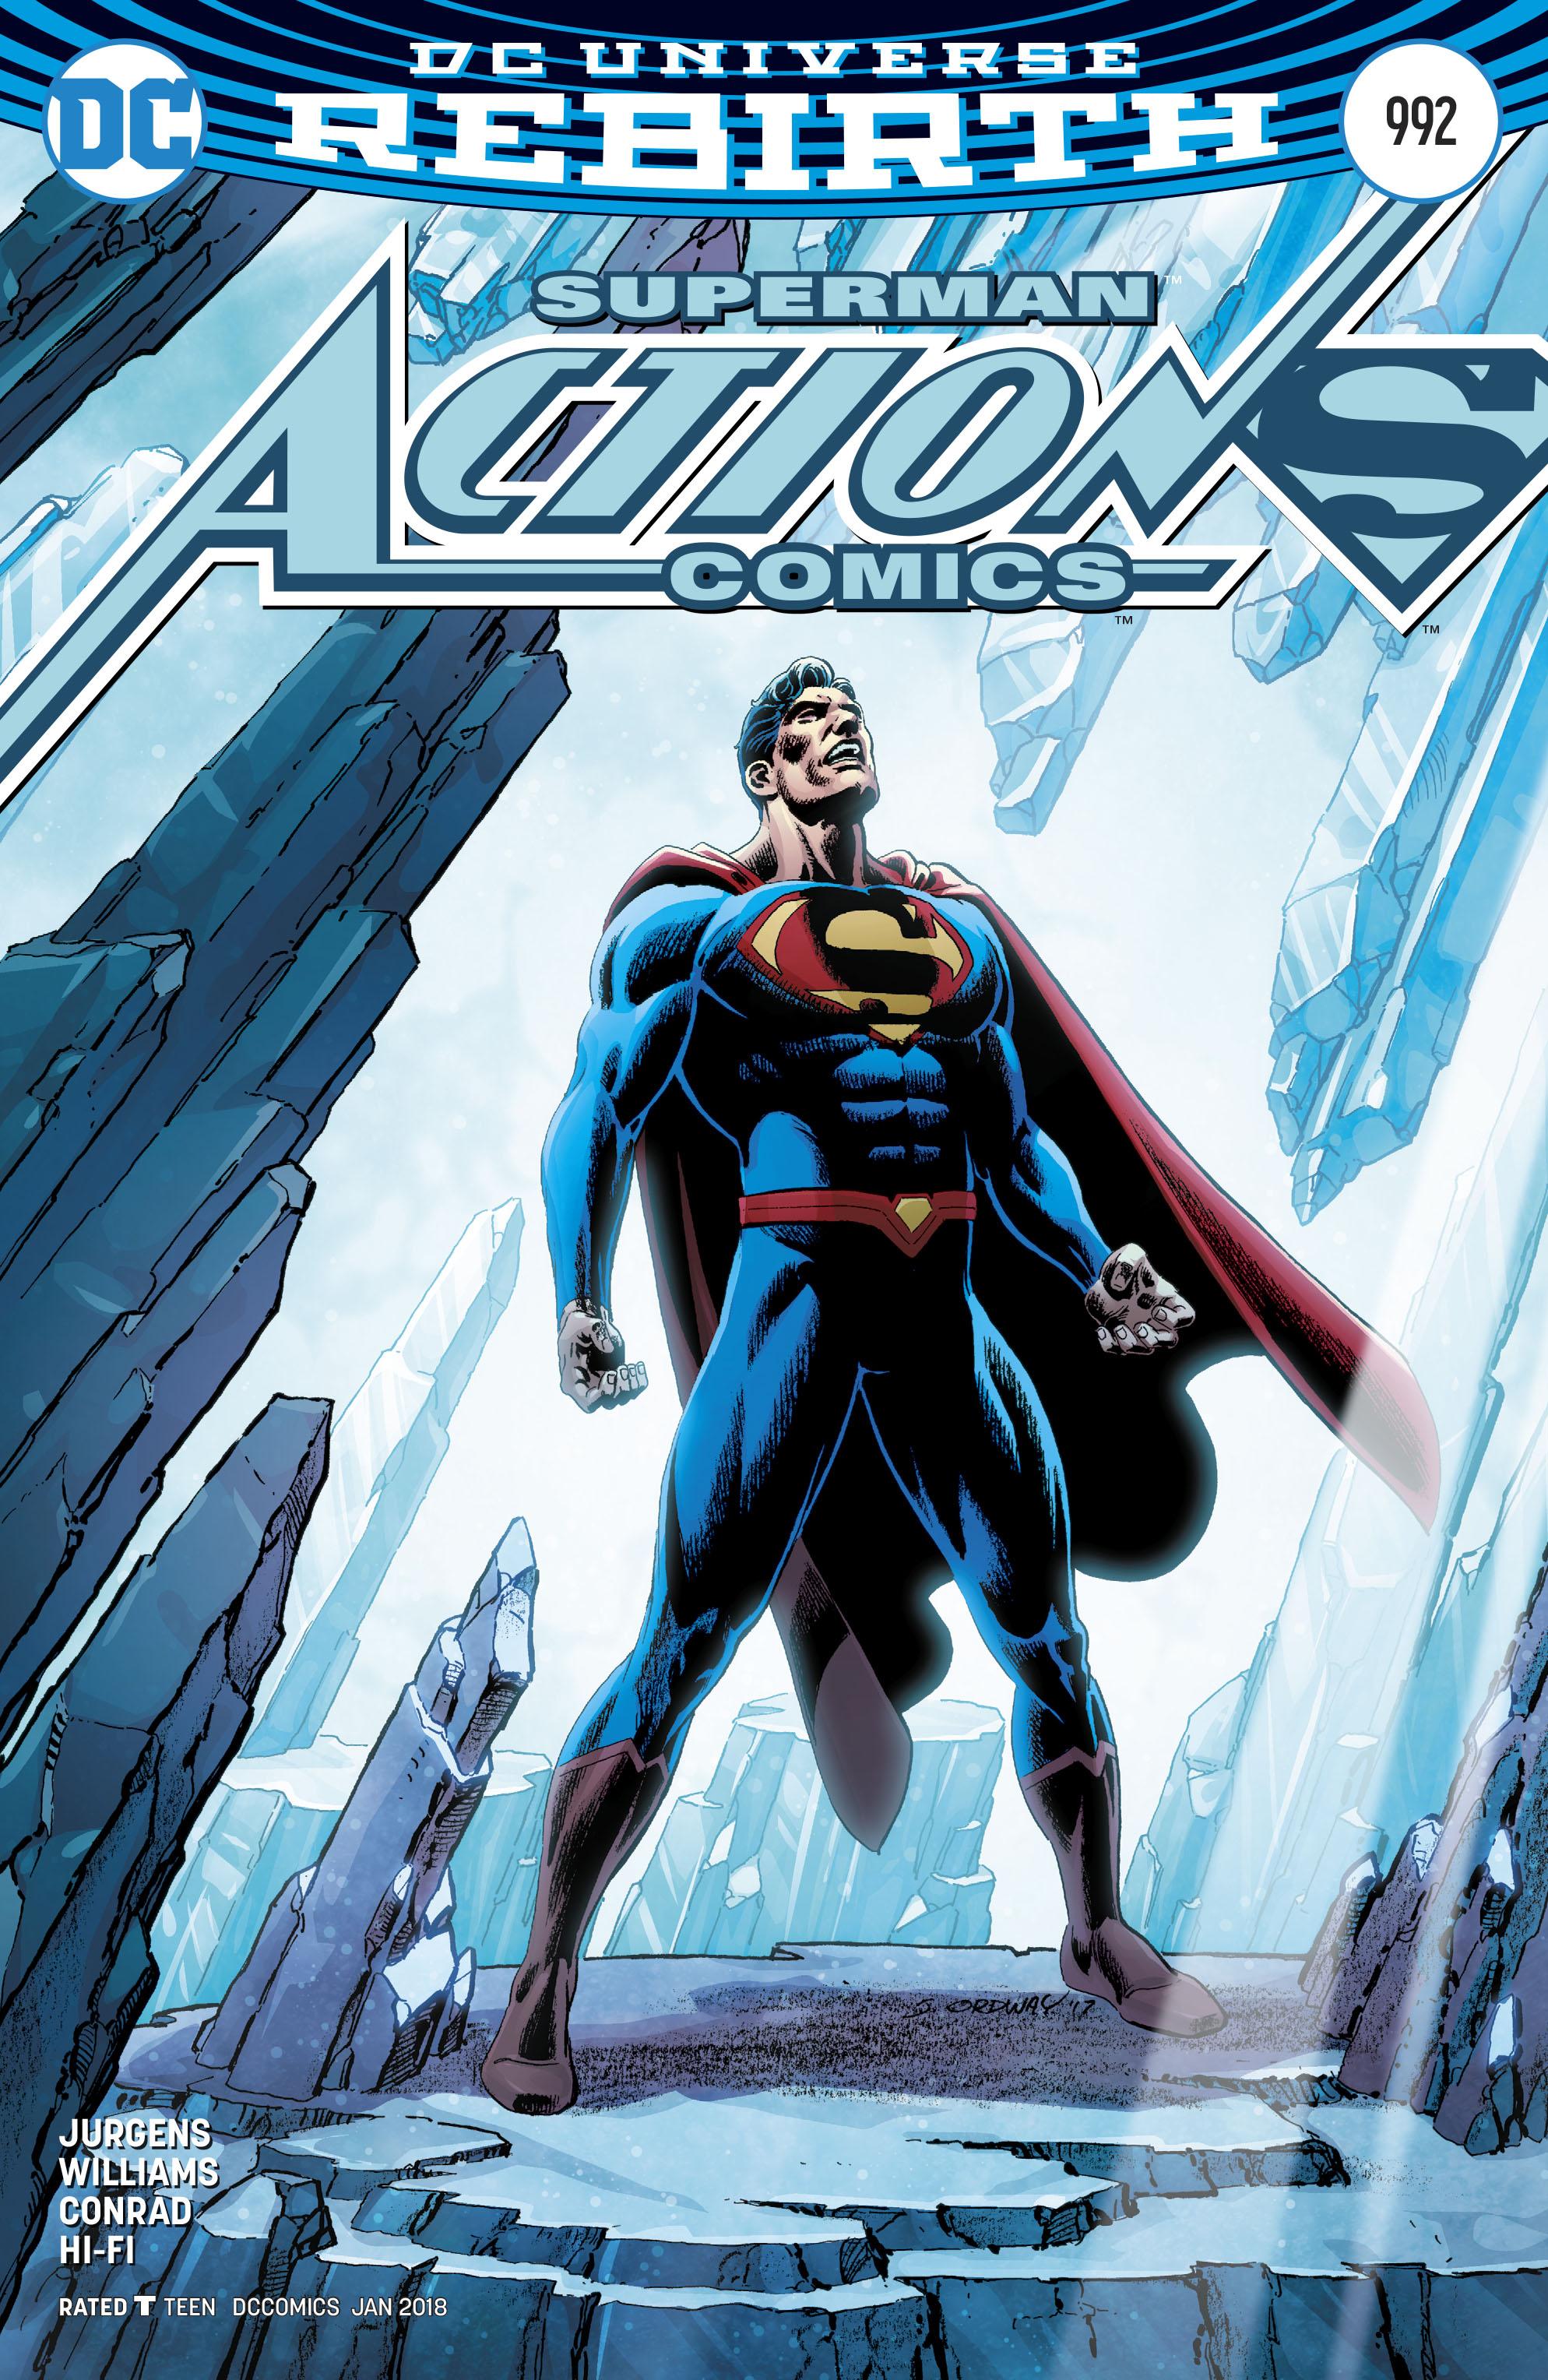 Action Comics Vol 1 992 Variant.jpg